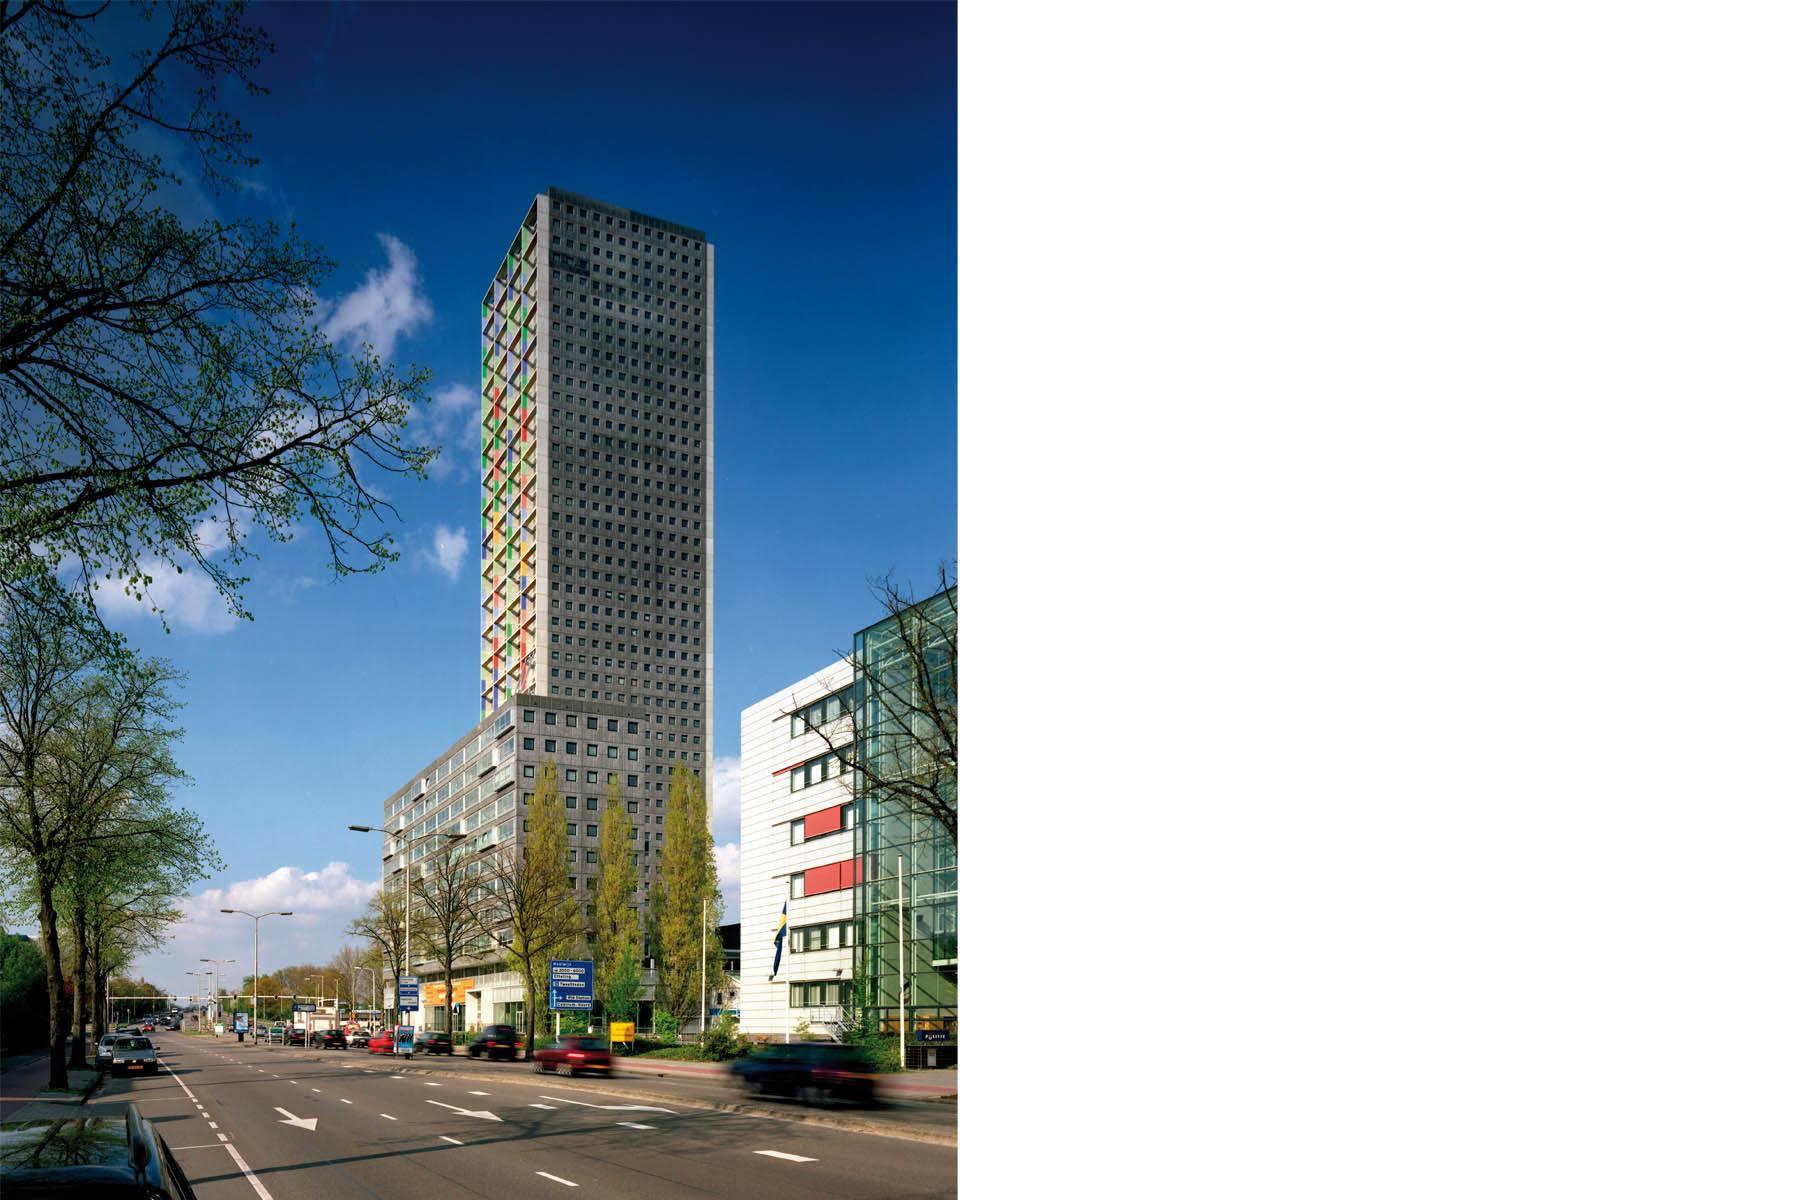 Lichtkunst / Tilburg Westpoint / 2004